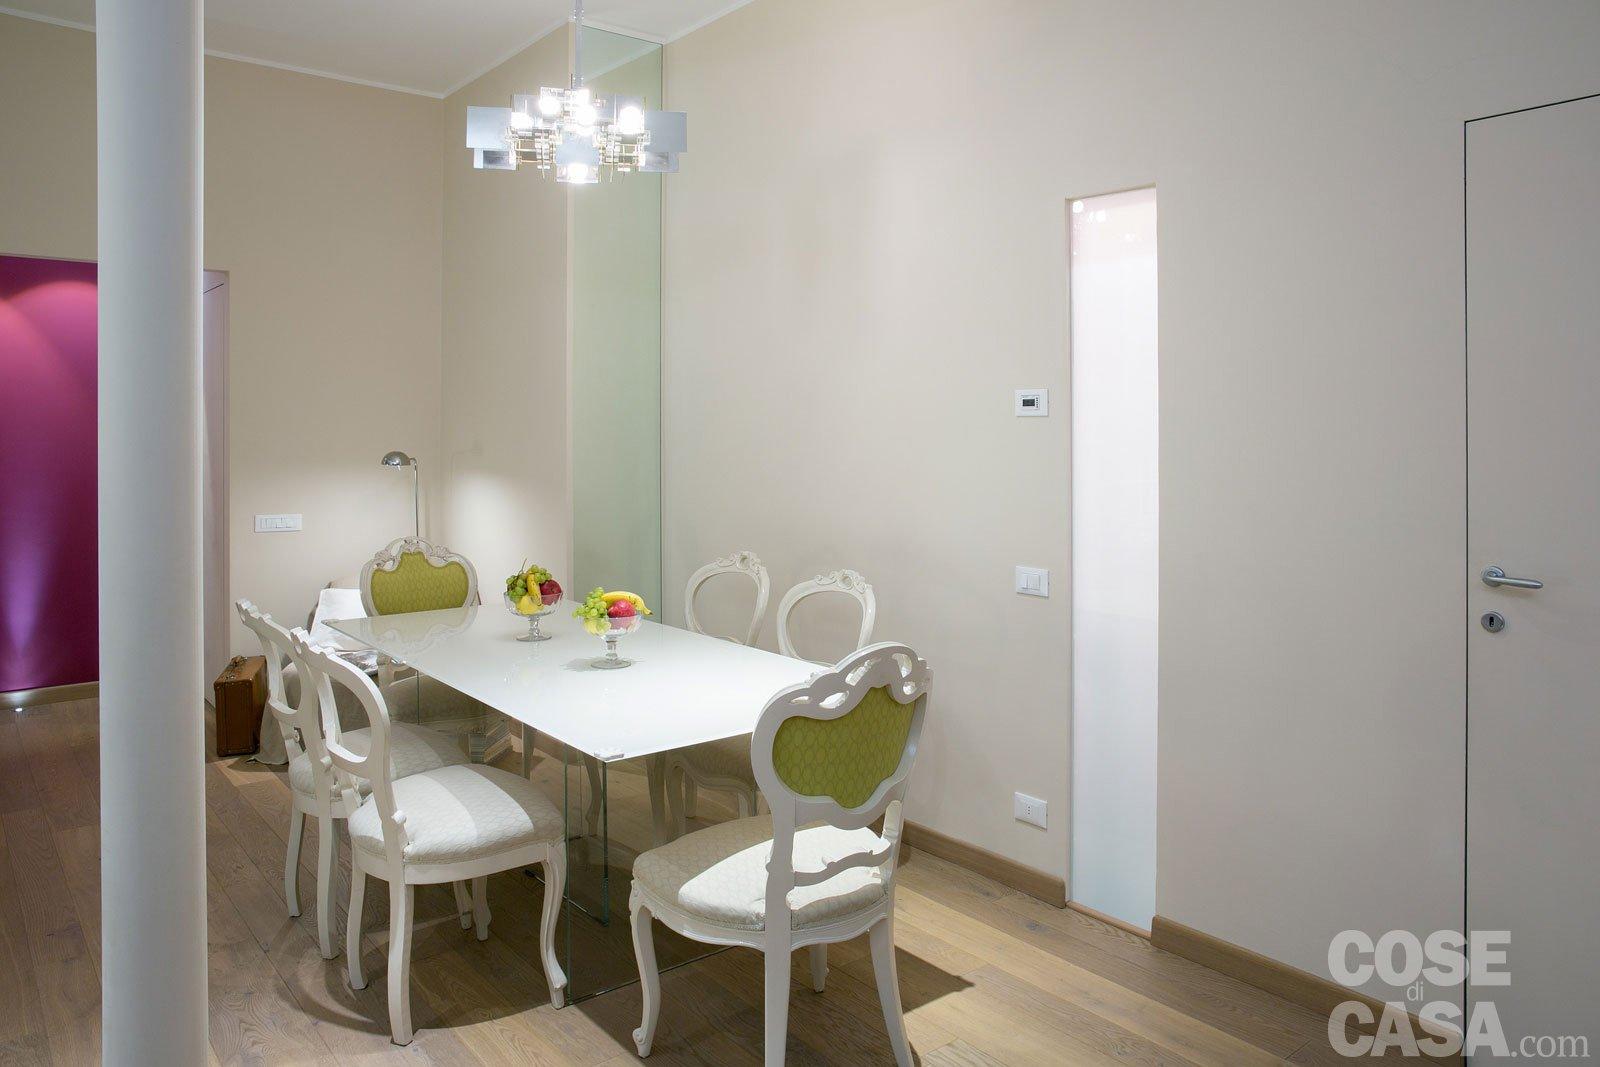 Una casa new classic a tinte vivaci cose di casa - Lampada sospensione sopra tavolo altezza ...